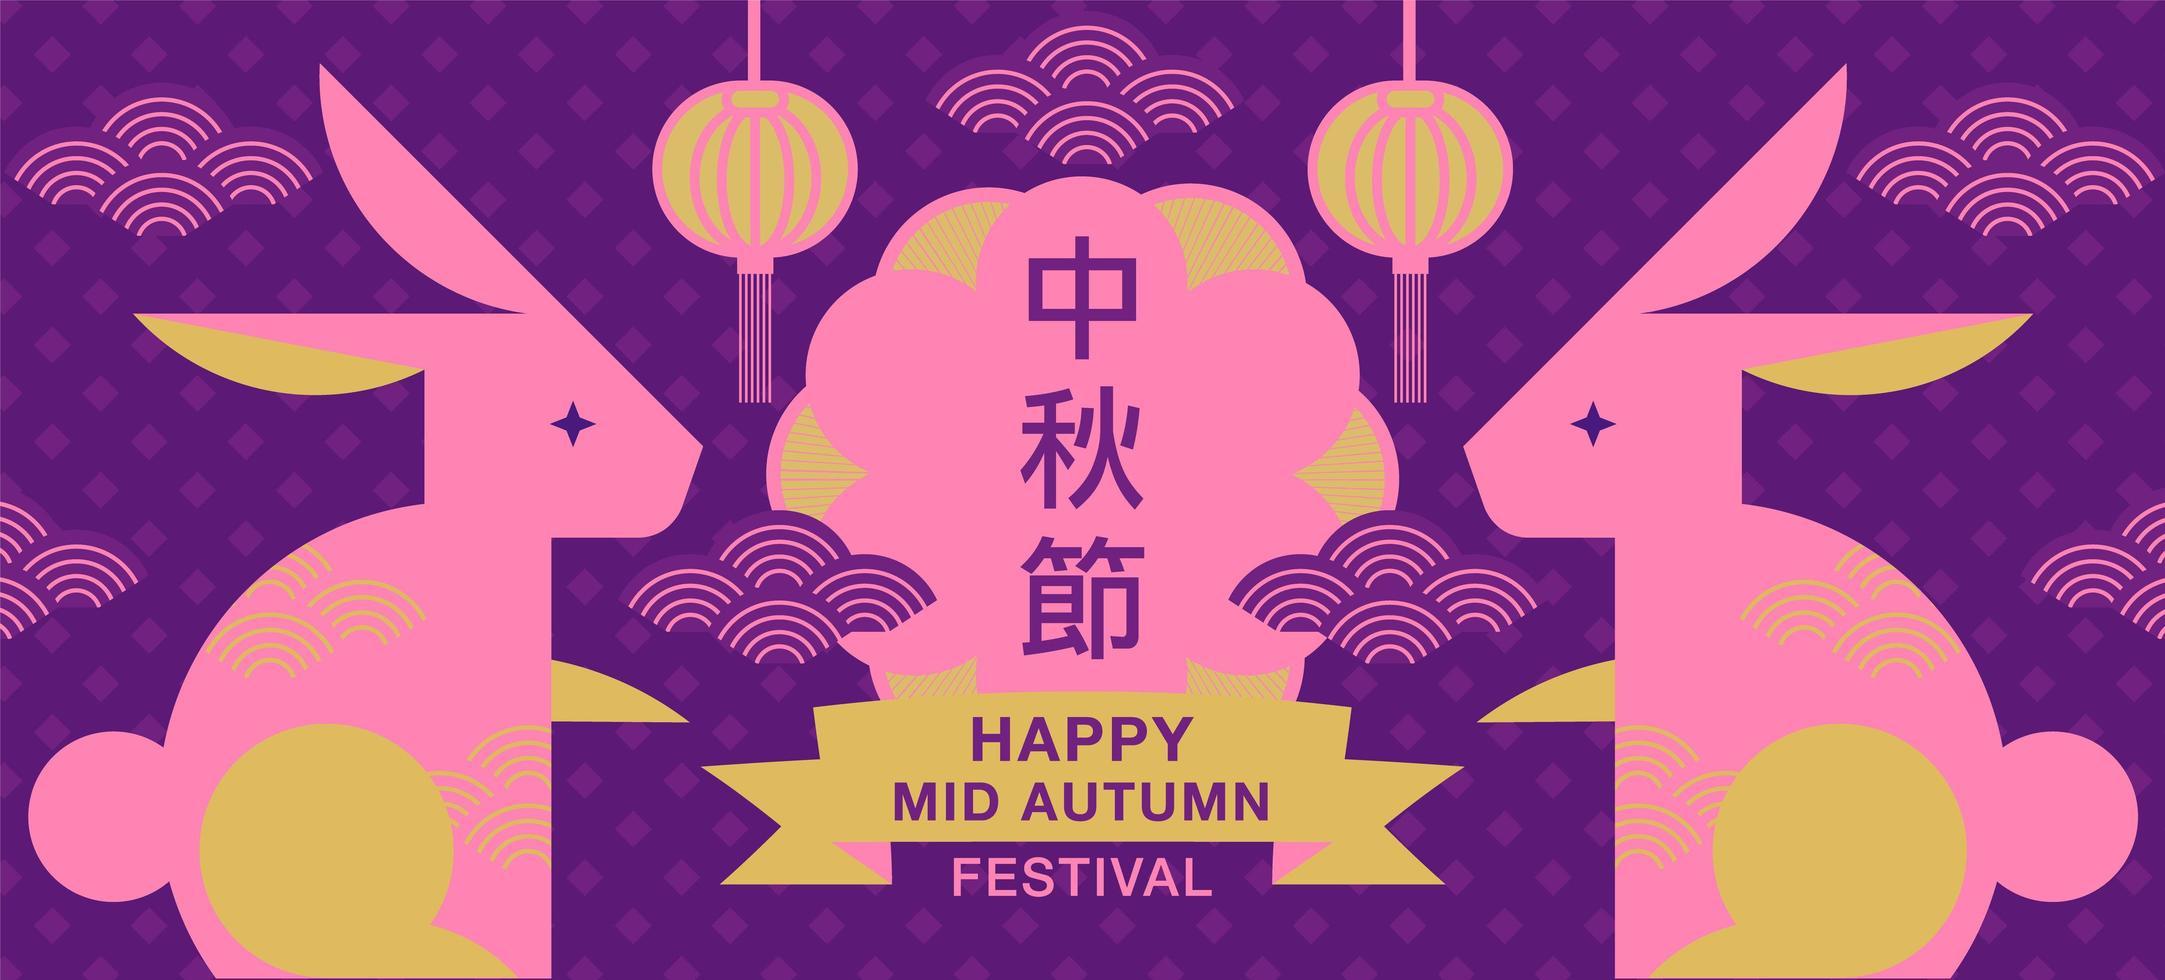 gelukkige medio herfst festival banner met roze konijnen vector